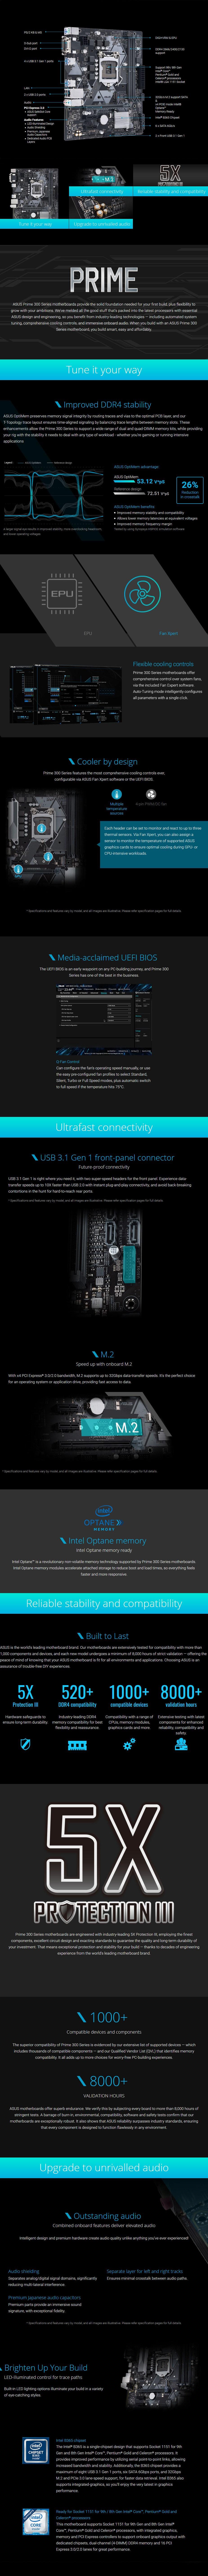 ASUS PRIME B365M-K LGA 1511 mATX Motherboard - Desktop Overview 1